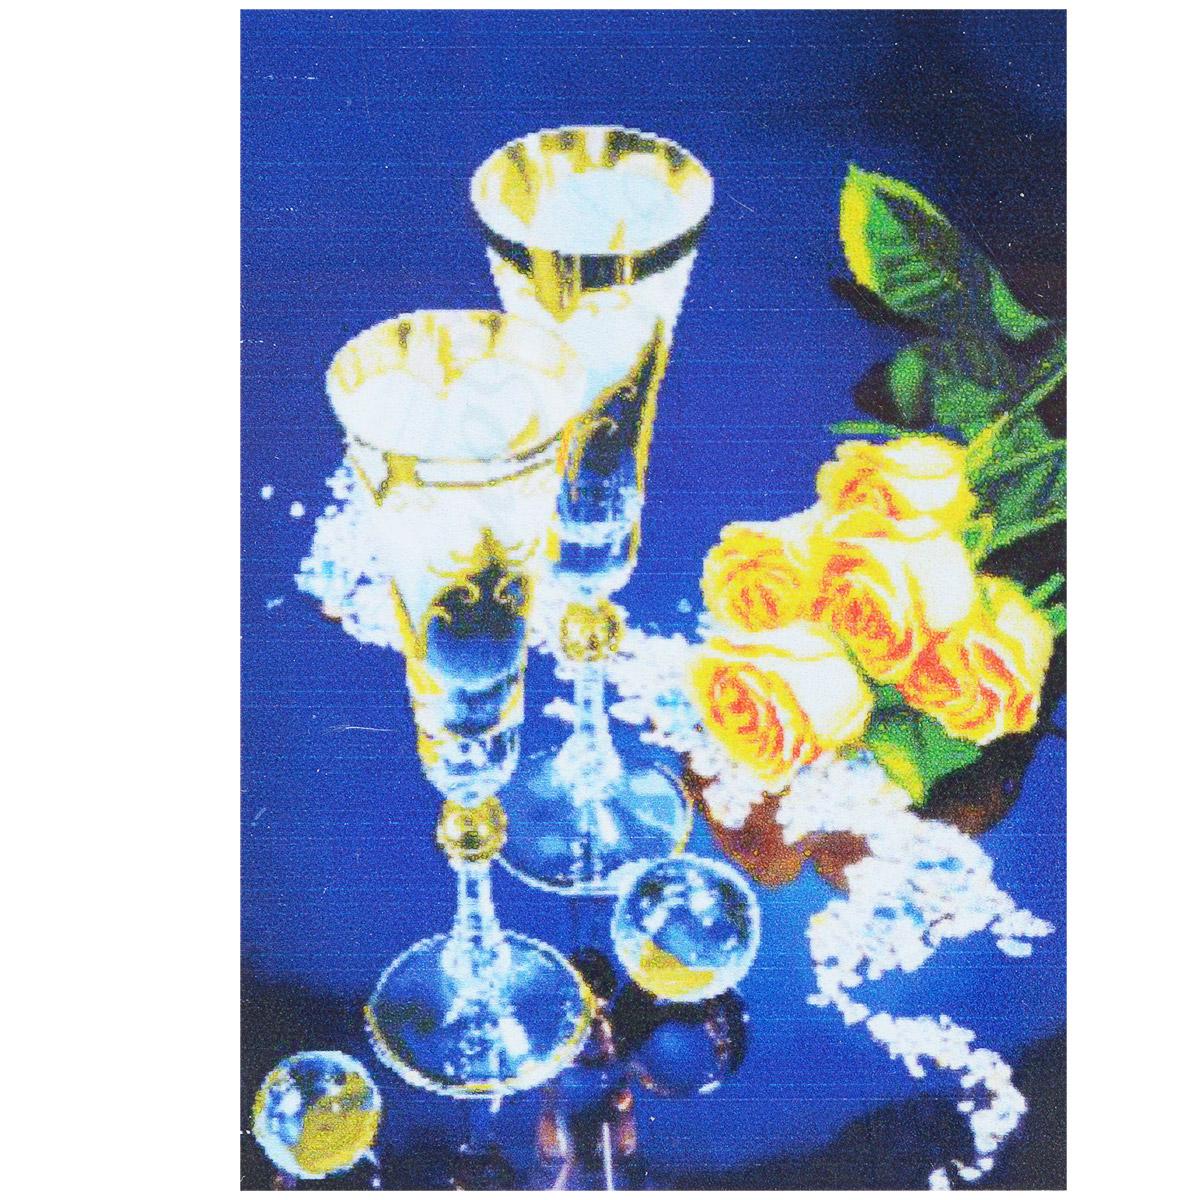 Набор для изготовления картины со стразами Cristal Бокалы, 64 см х 90 см7710757.9123Набор для изготовления картины со стразами Cristal Бокалы поможет вам создать свой личный шедевр. Работа, выполненная своими руками, станет отличным подарком для друзей и близких! Набор содержит: - полотно-схема с нанесенным рисунком и клеевым слоем (размер 71 см х 98 см), - пластиковое блюдце; - стразы (25 цветов), - клей для страз; - карандаш; - точилка; - пинцет; - 2 ватные палочки; - 2 маленьких пакетика; - инструкция на русском языке. Подарите близким тепло ваших рук!